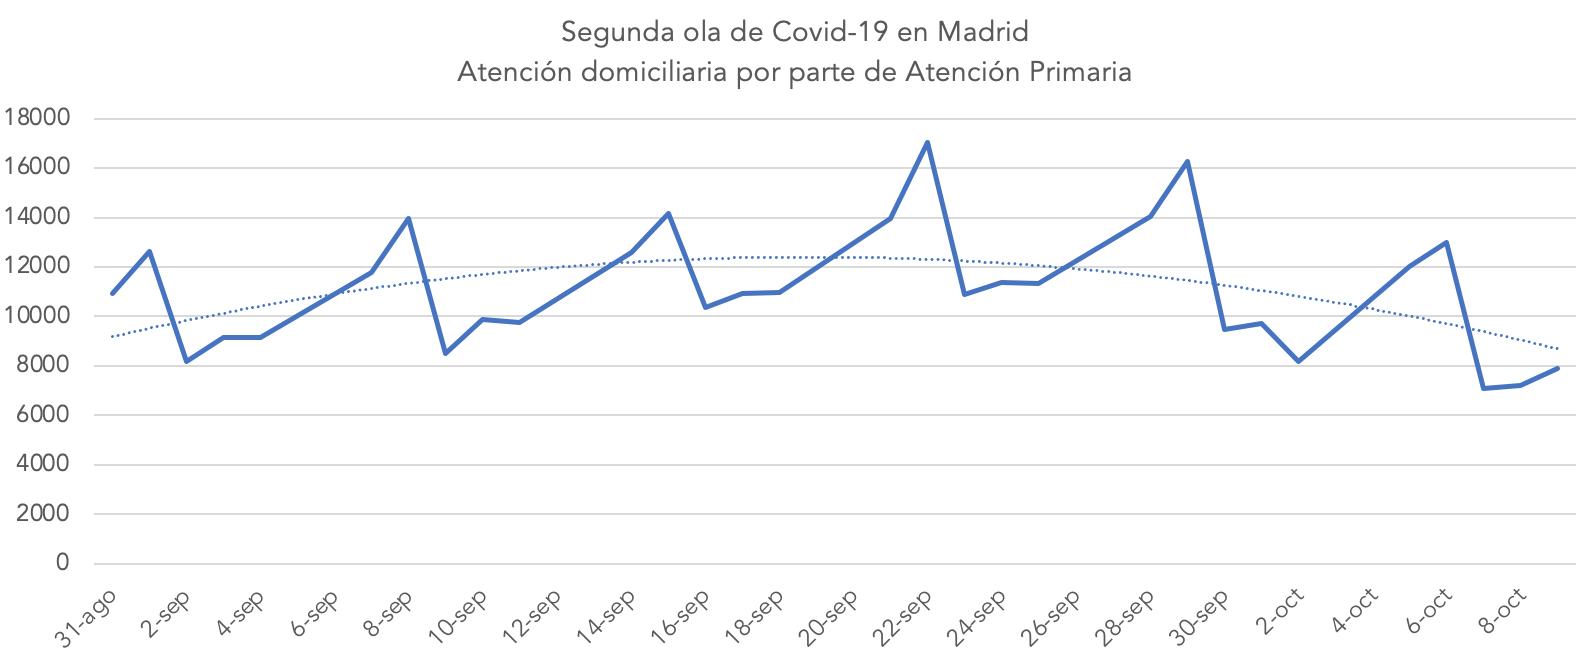 2-atencion-domiciliaria-segunda-ola-covid-19-madrid.png